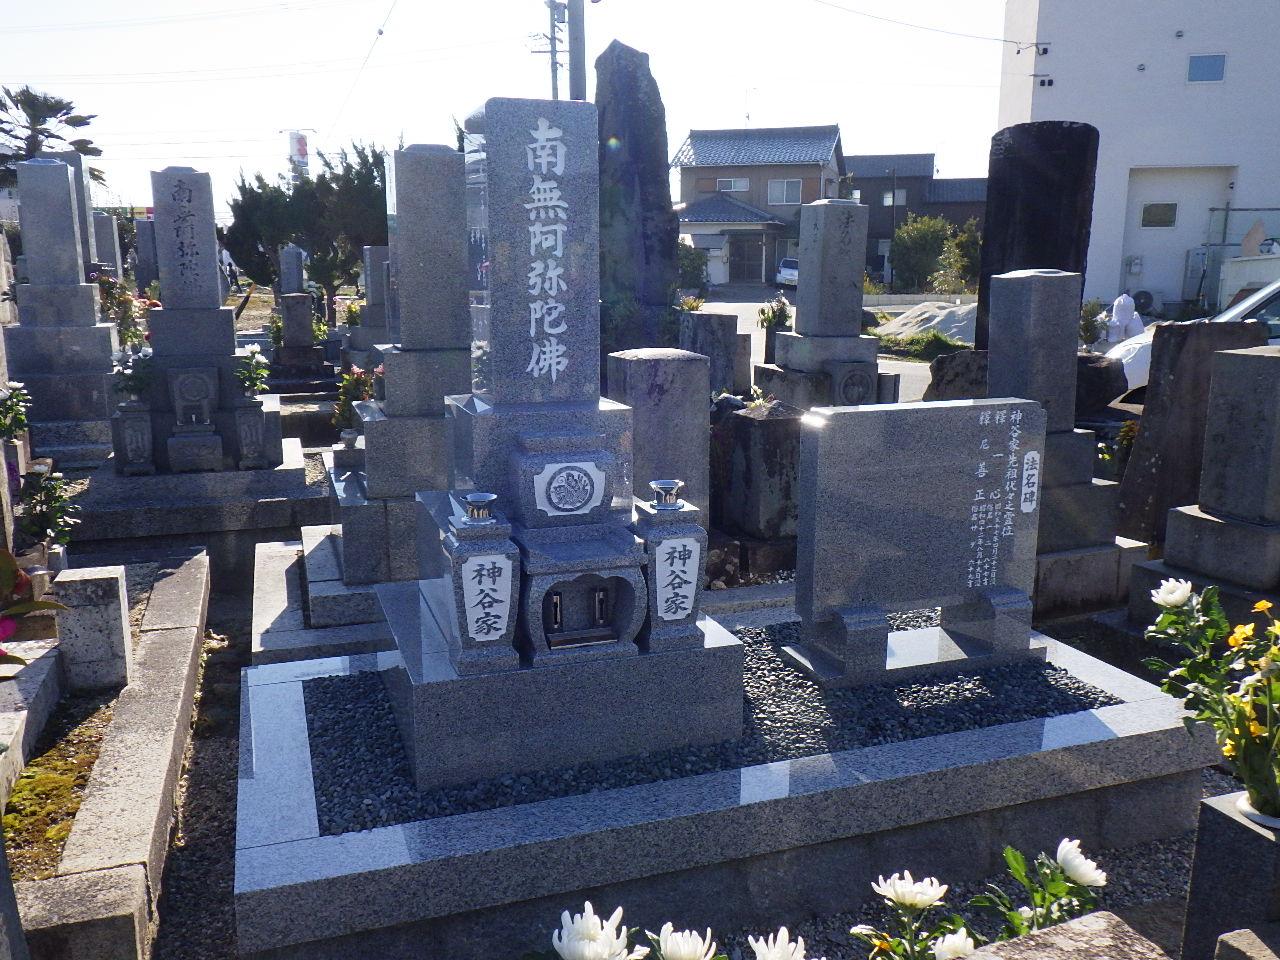 201603 ○安城市 地域墓地(高棚町墓地)   中国産G614 8寸和型 神谷力様